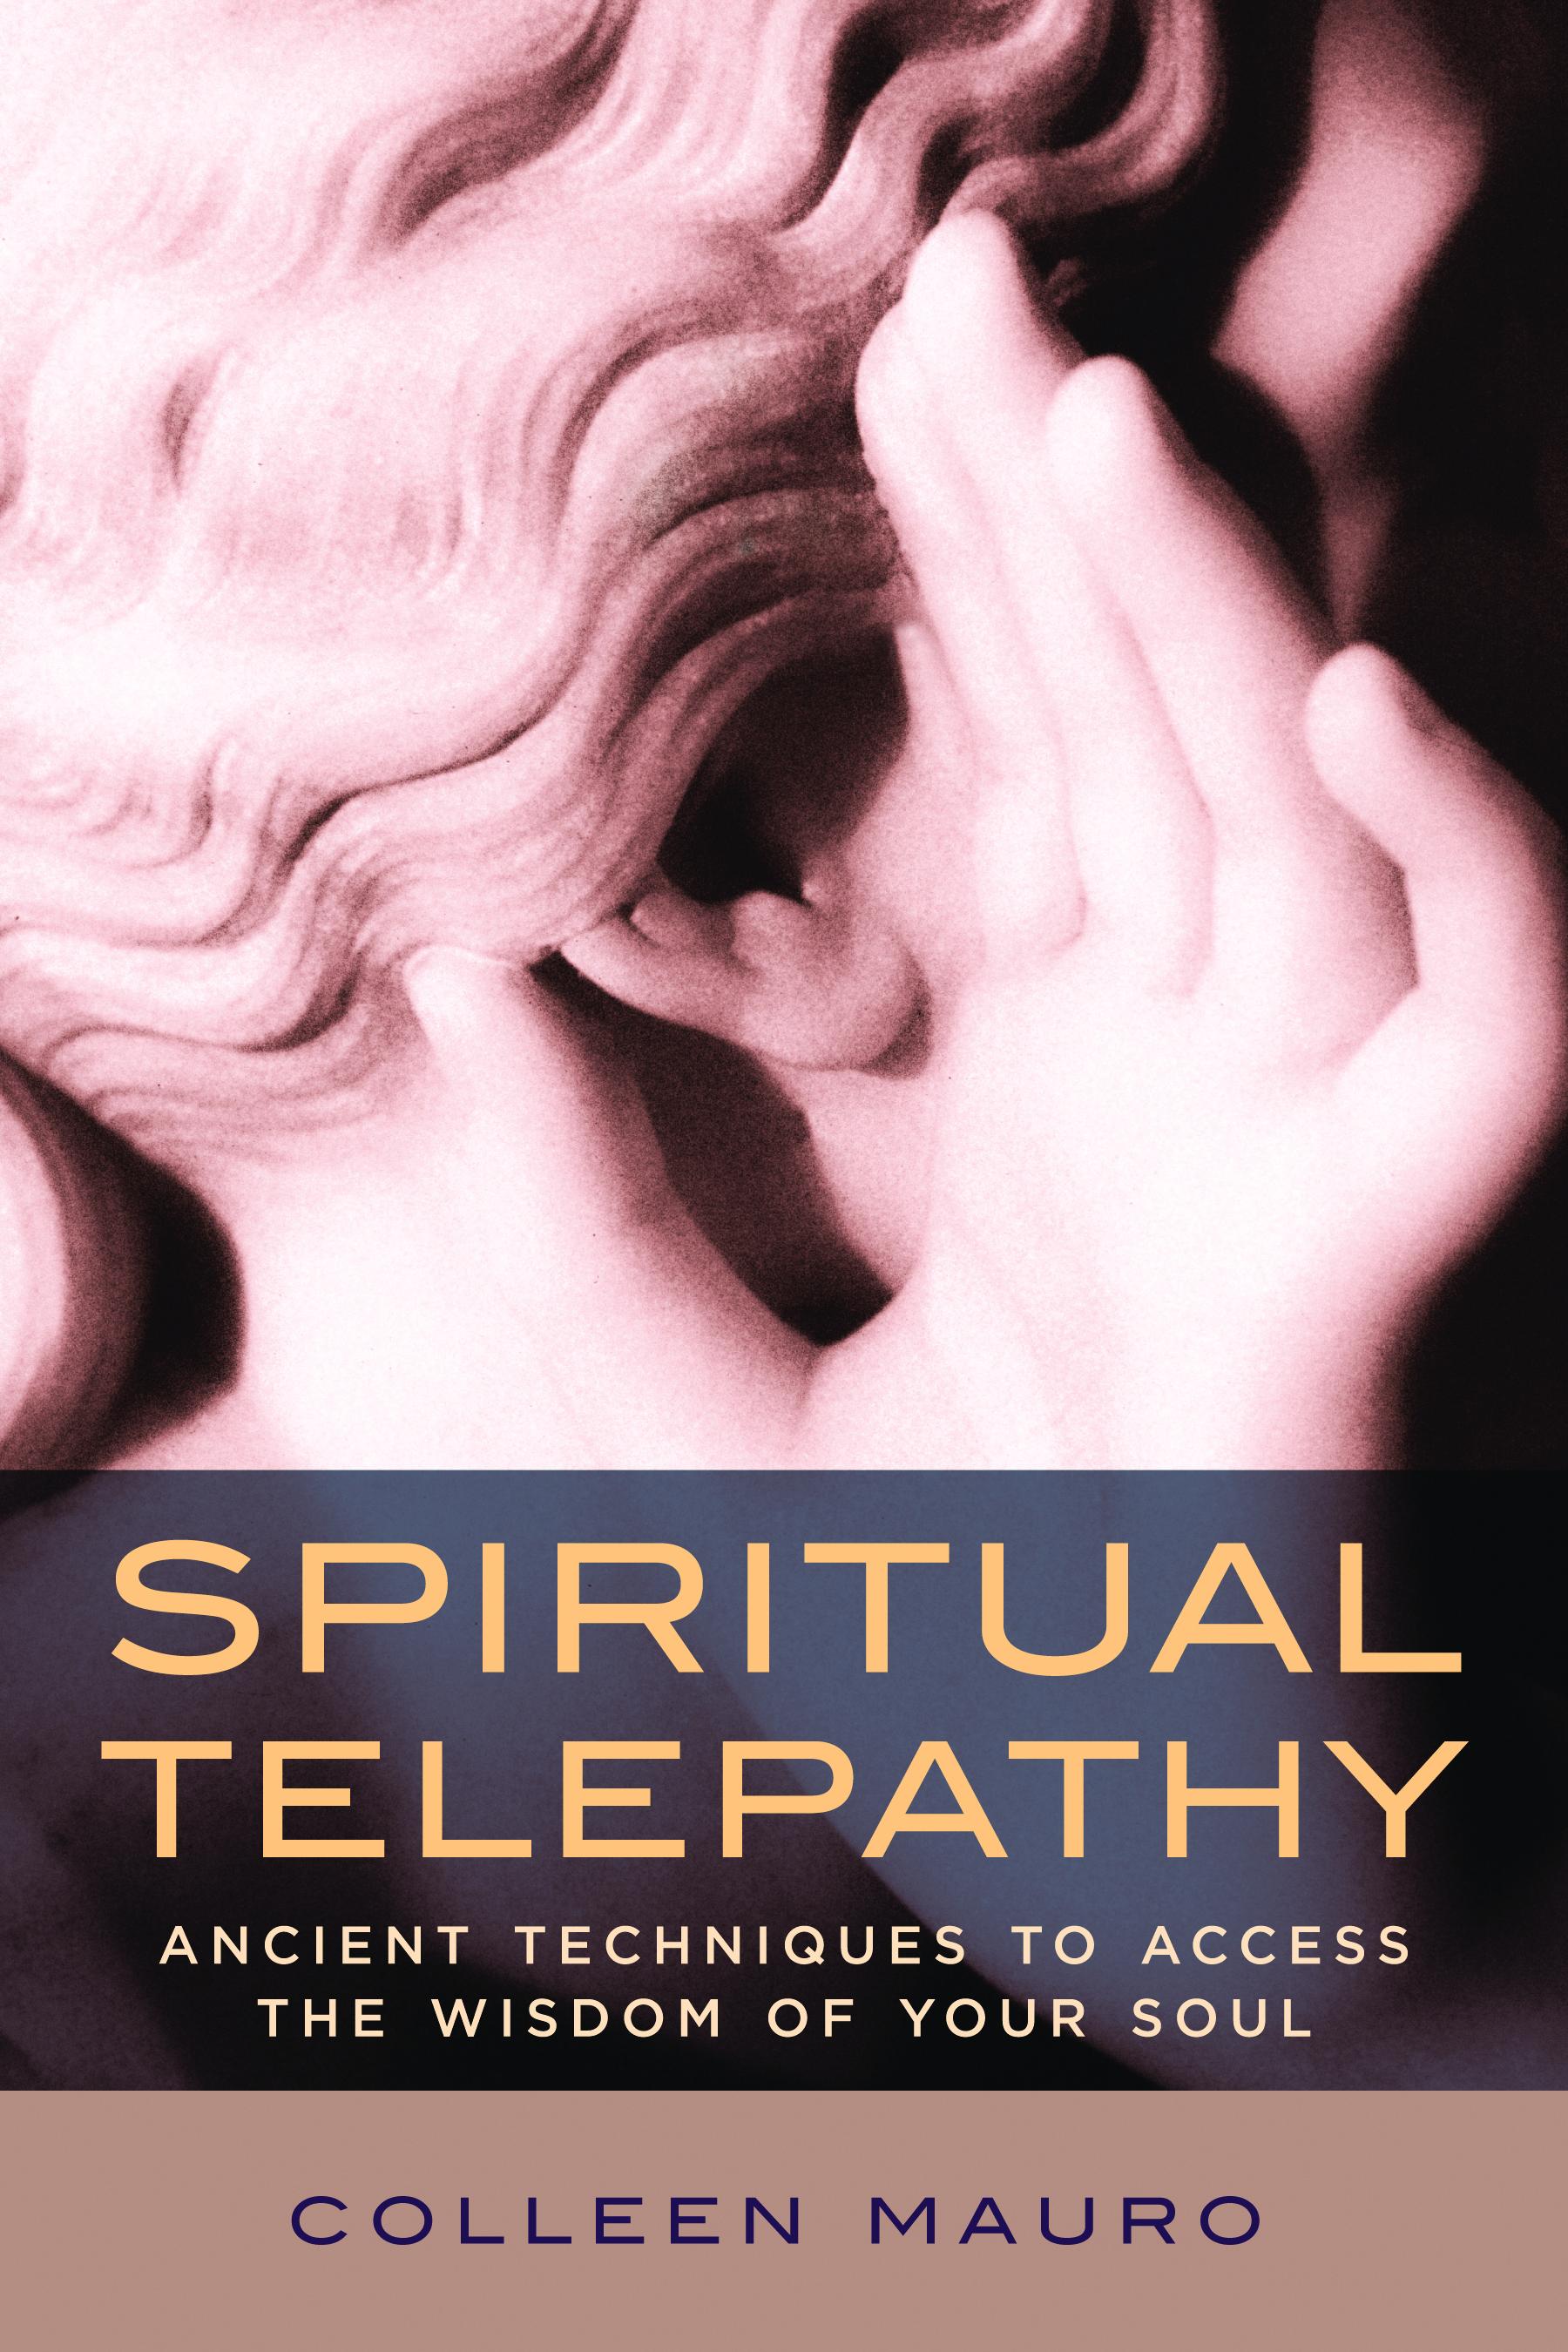 Telepathy-fullcover-noendorse.jpg